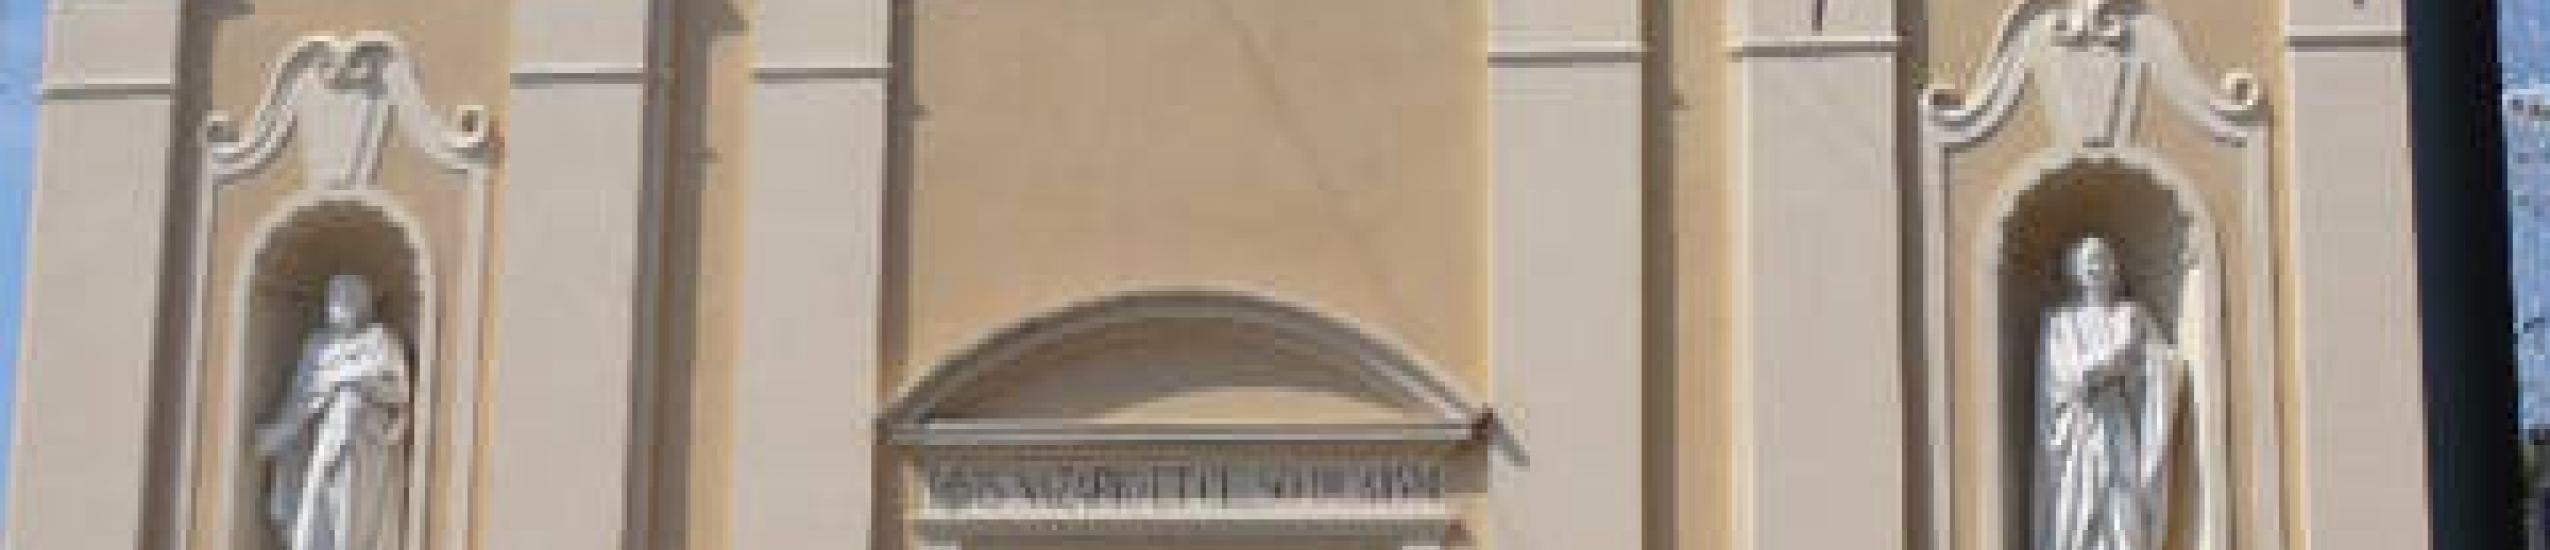 parrocchiale ss. nazario e celso e oratorio di s. chiara